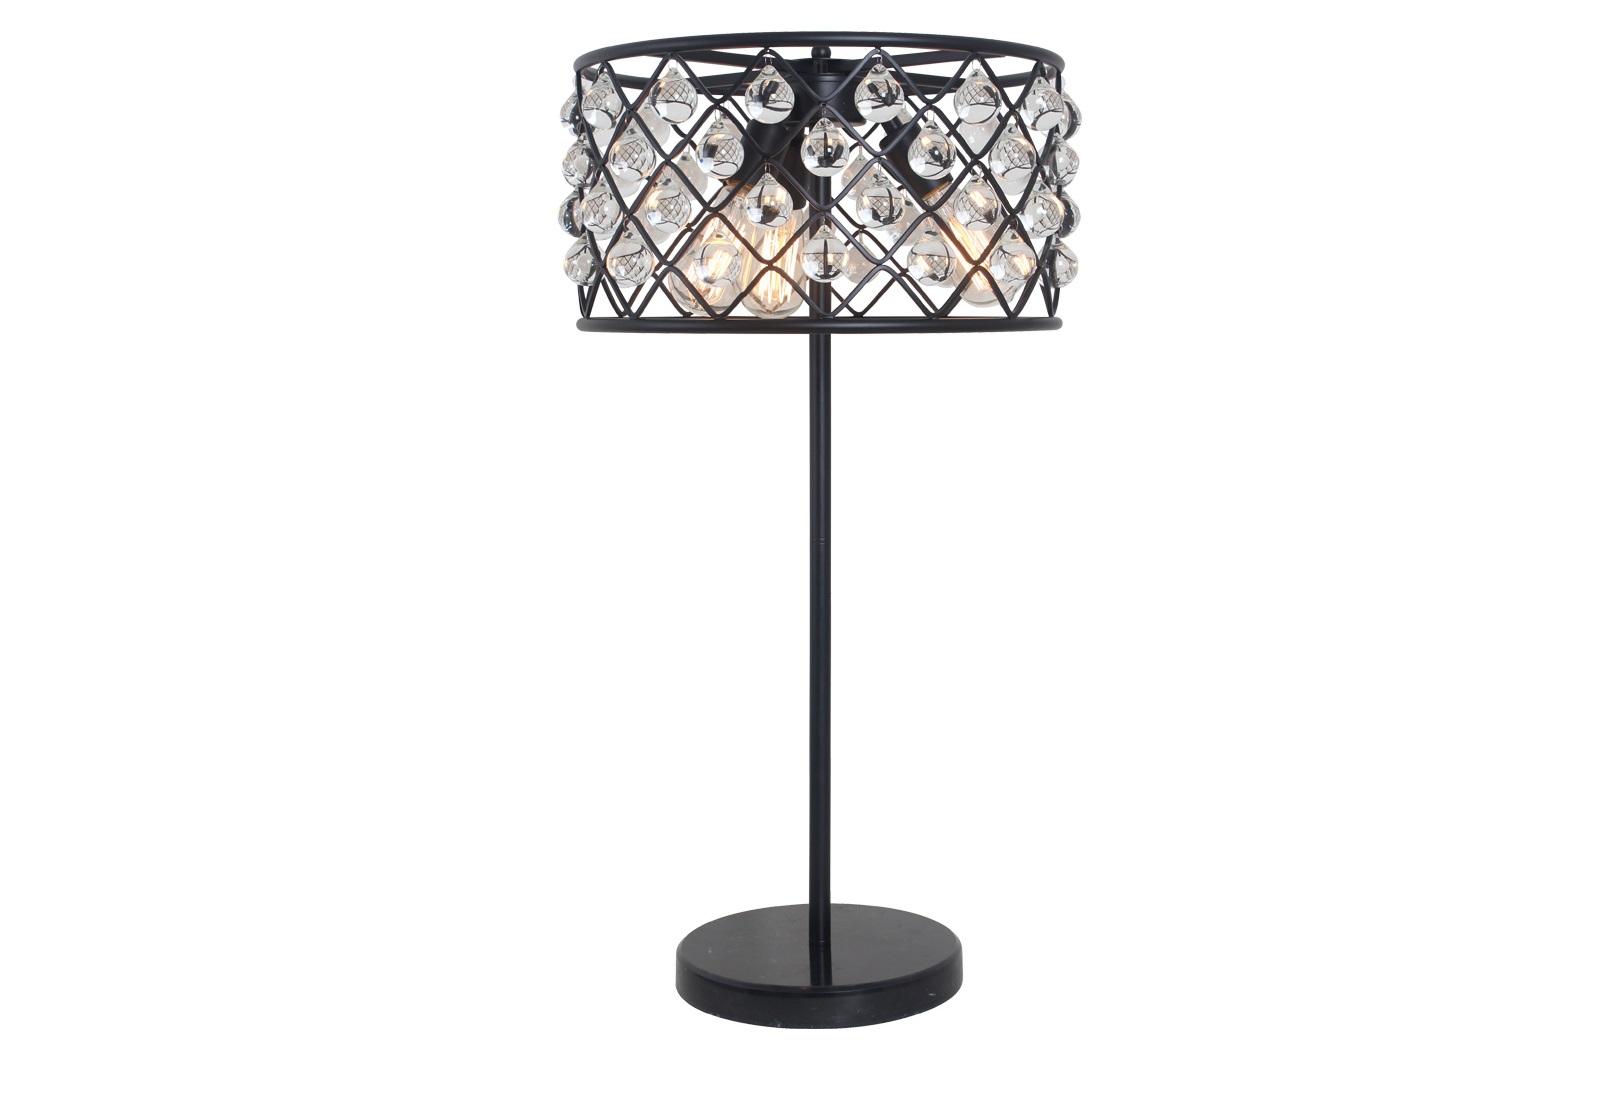 Настольная лампаДекоративные лампы<br><br><br>Material: Металл<br>Height см: 80<br>Diameter см: 41